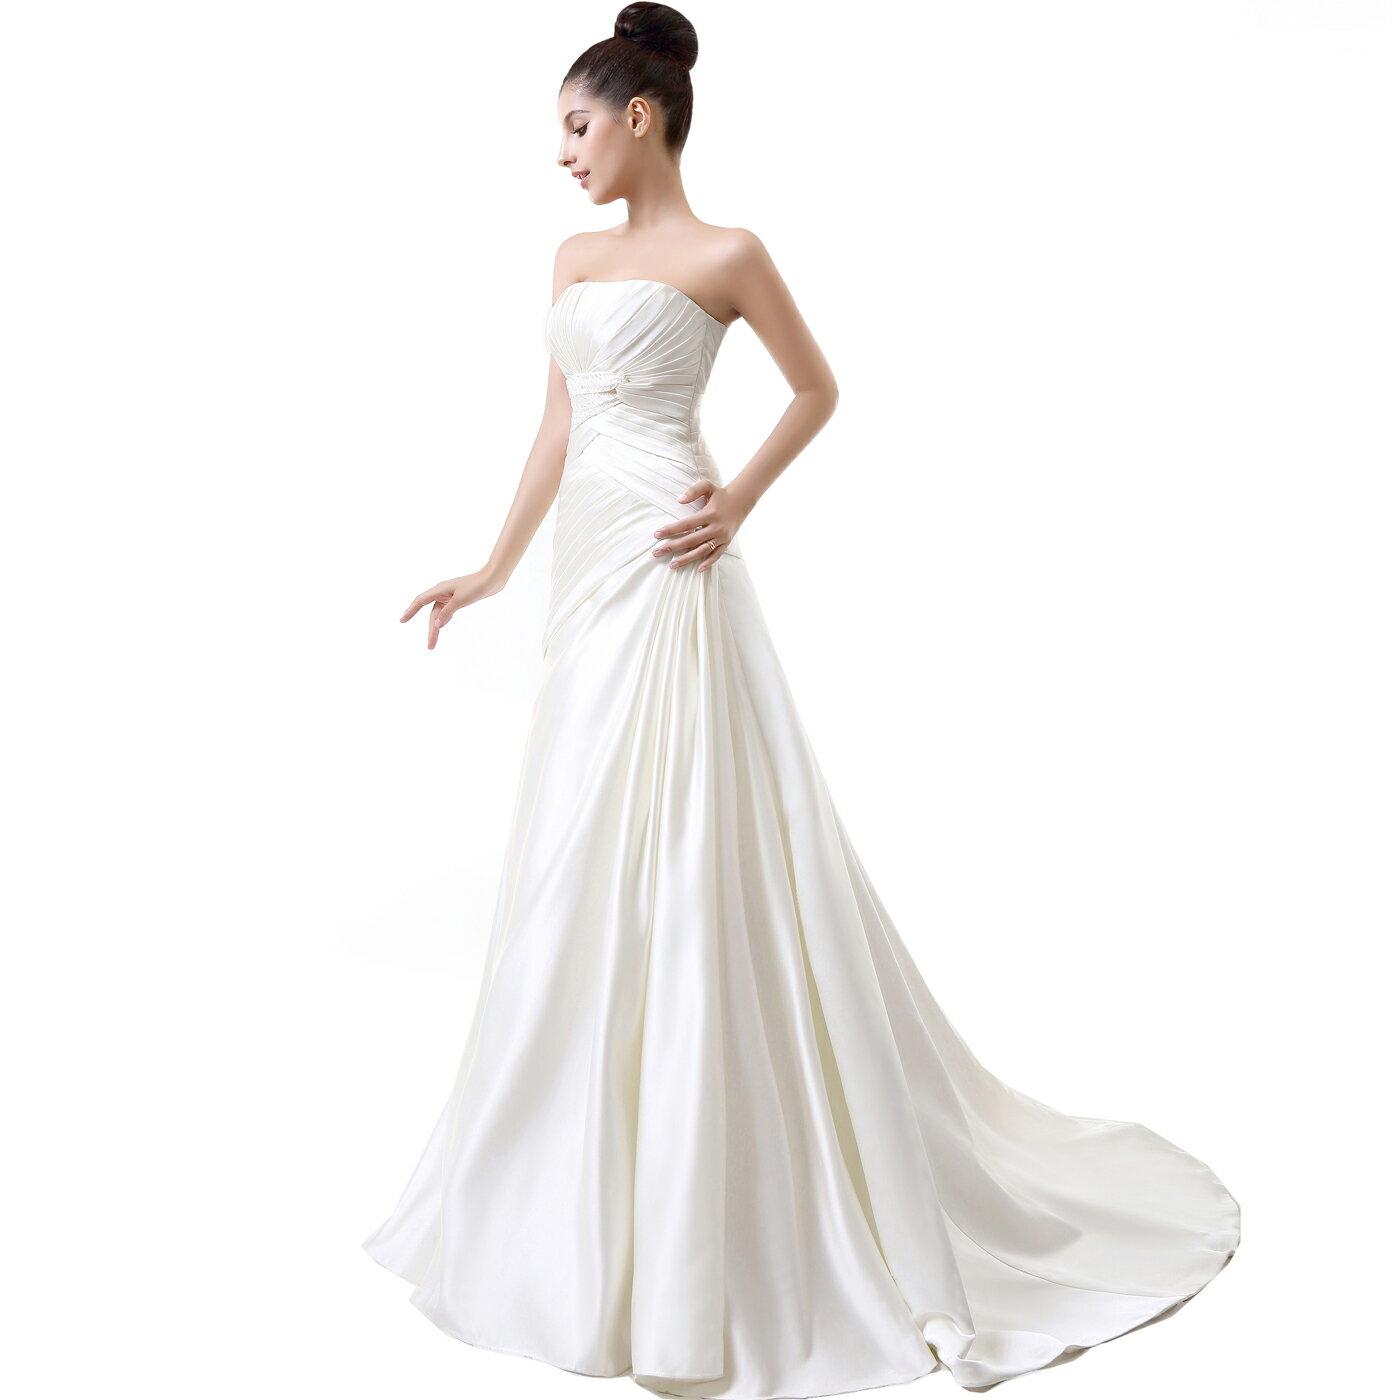 85a28c6d5c6c Lux Bridal Women's